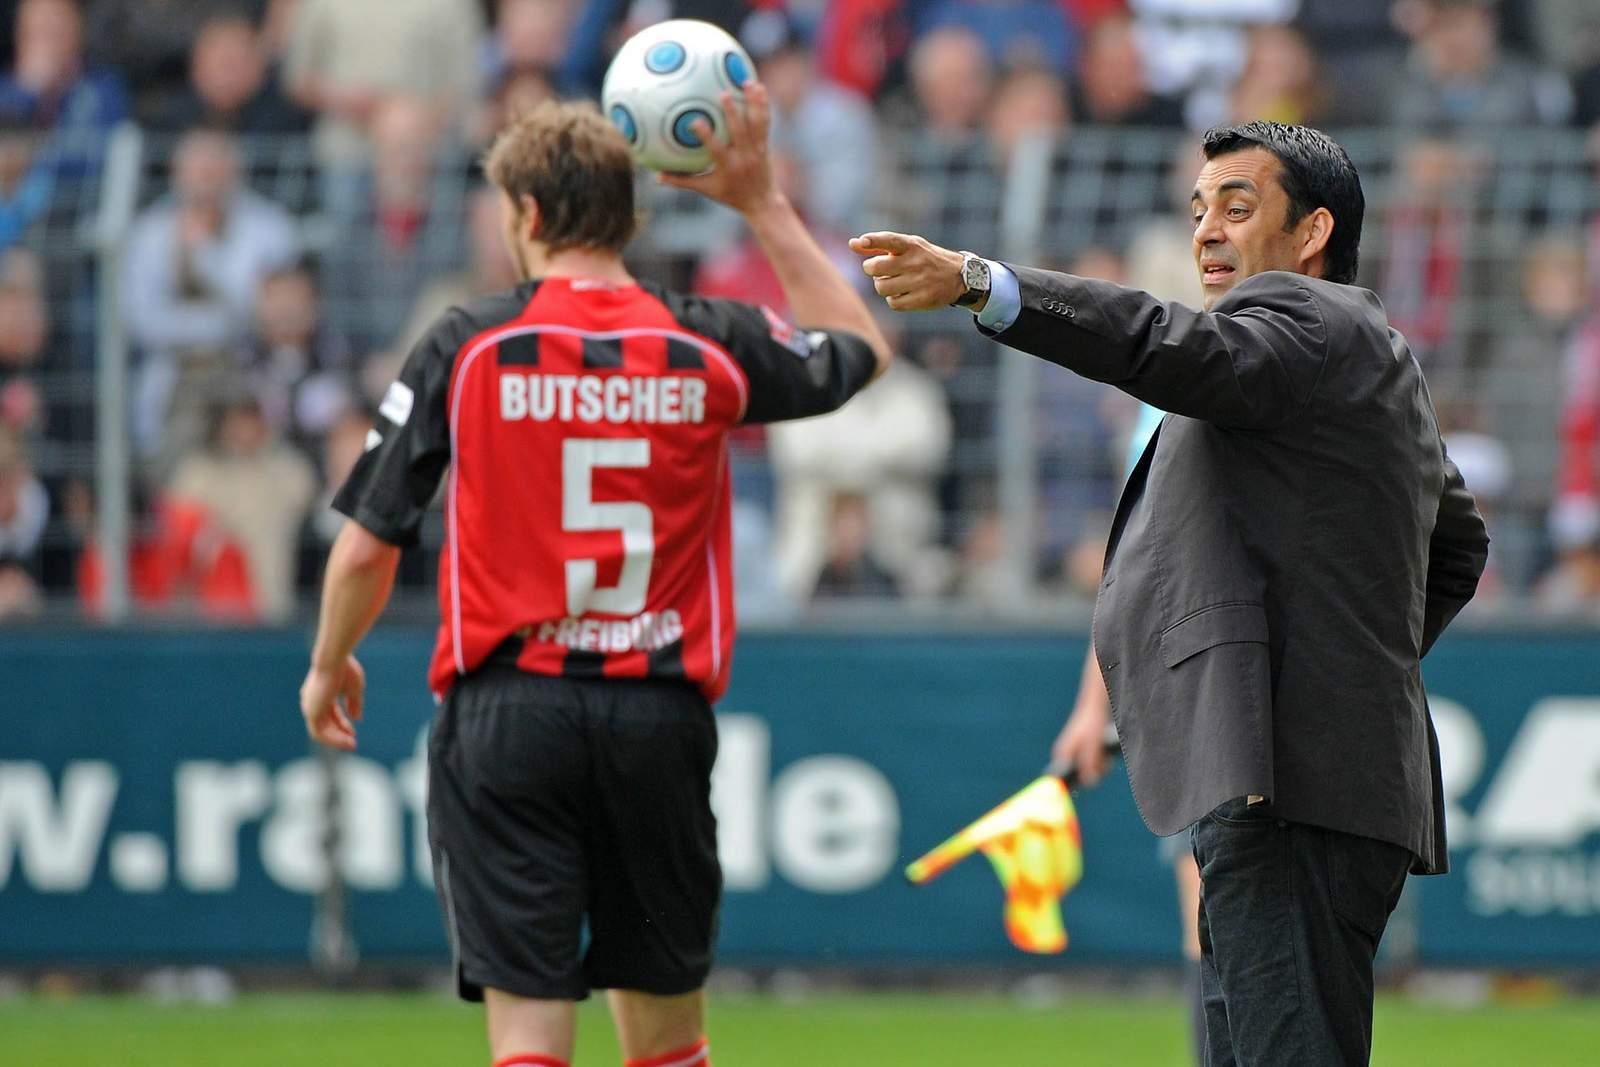 Robin Dutt gibt Heiko Butscher in Freiburg Anweisungen